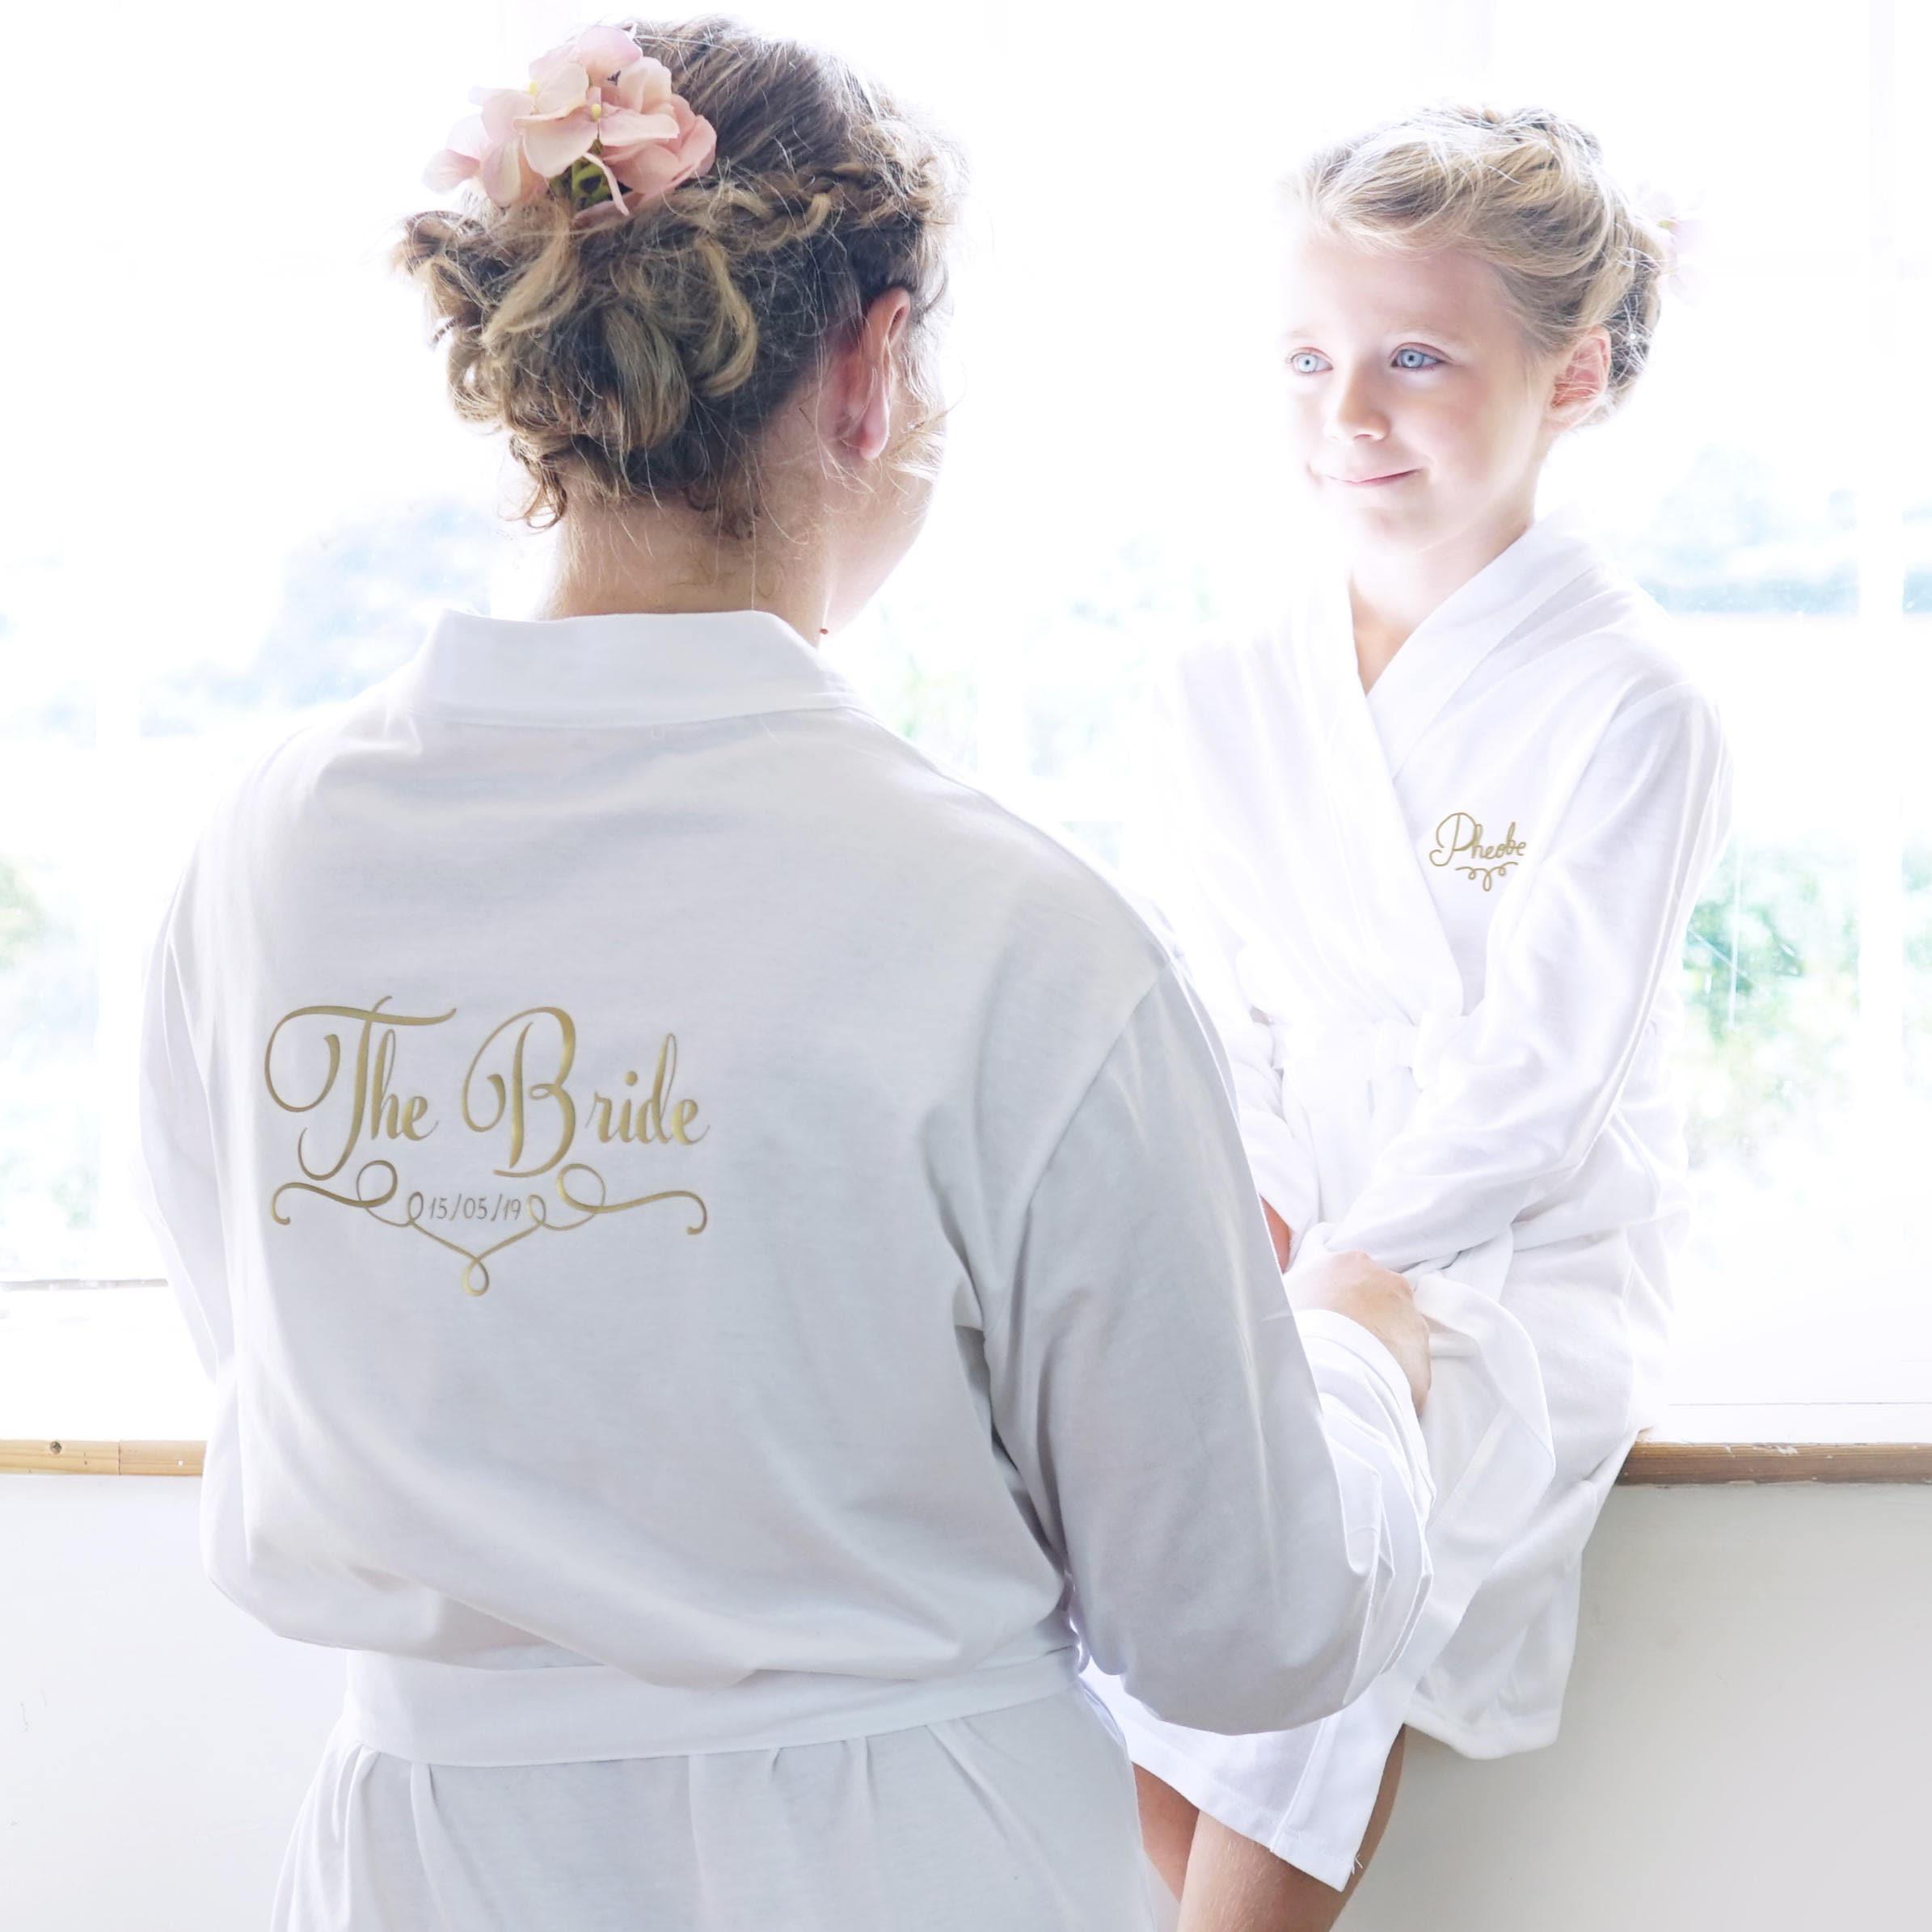 Beste Brautpartei Bademäntel Australien Fotos - Hochzeit Kleid Stile ...